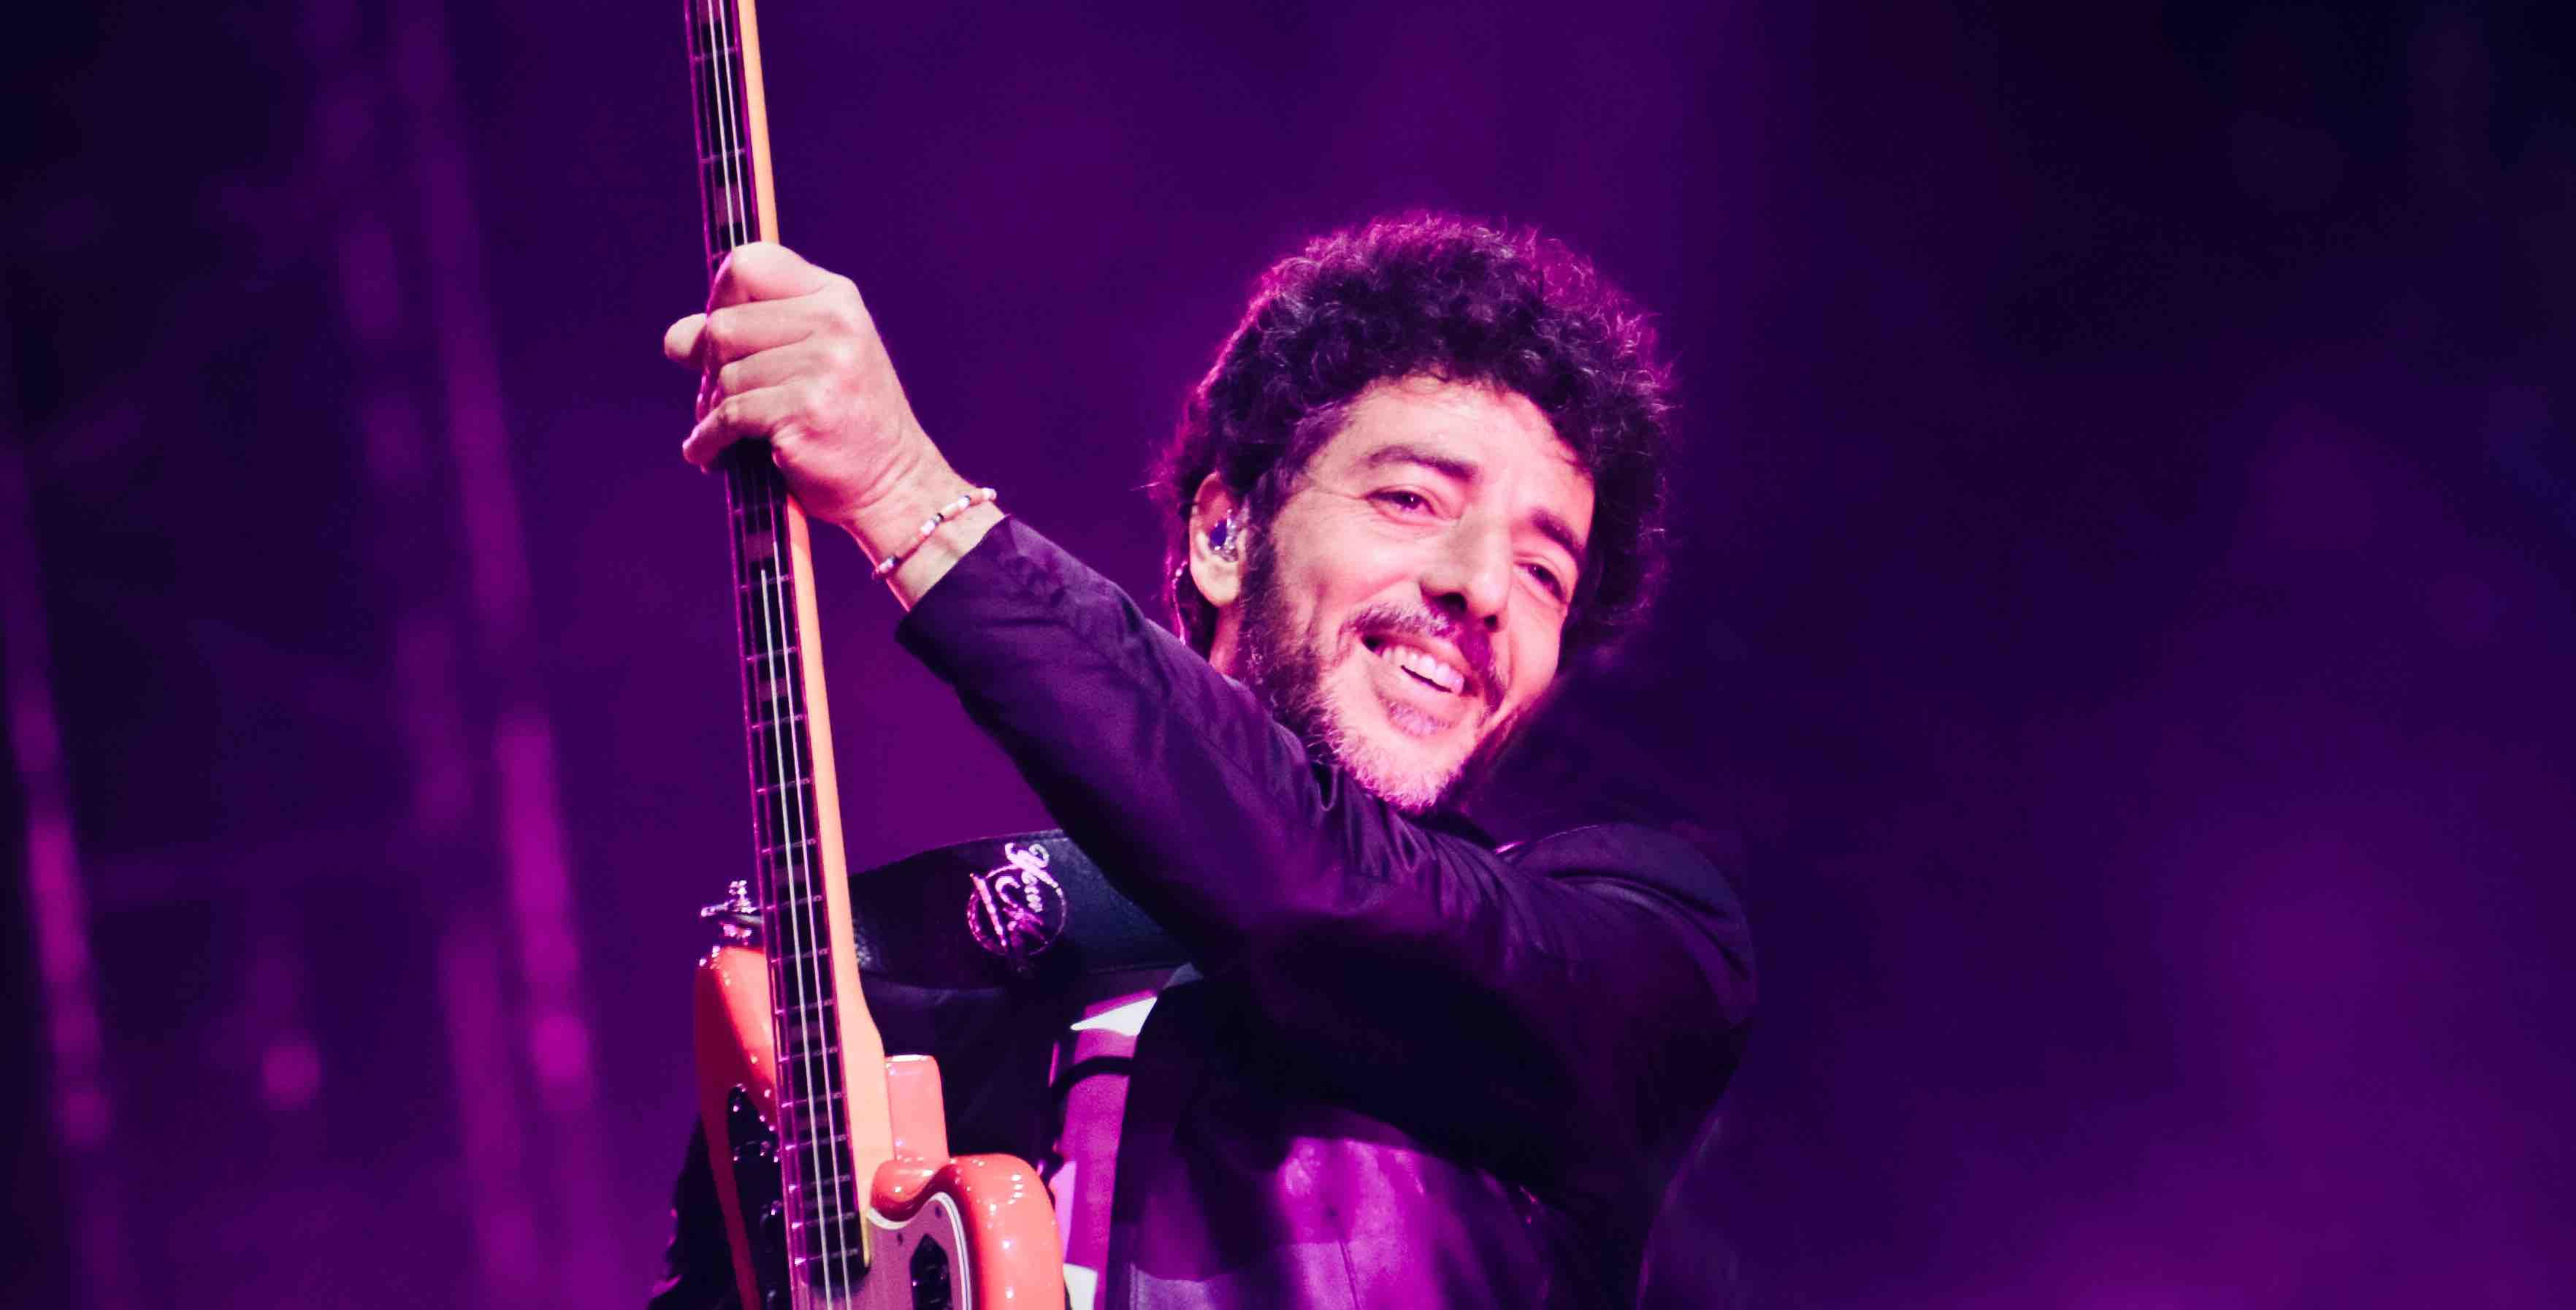 Max Gazzè torna live all'Auditorium di Roma - Dentro Magazine